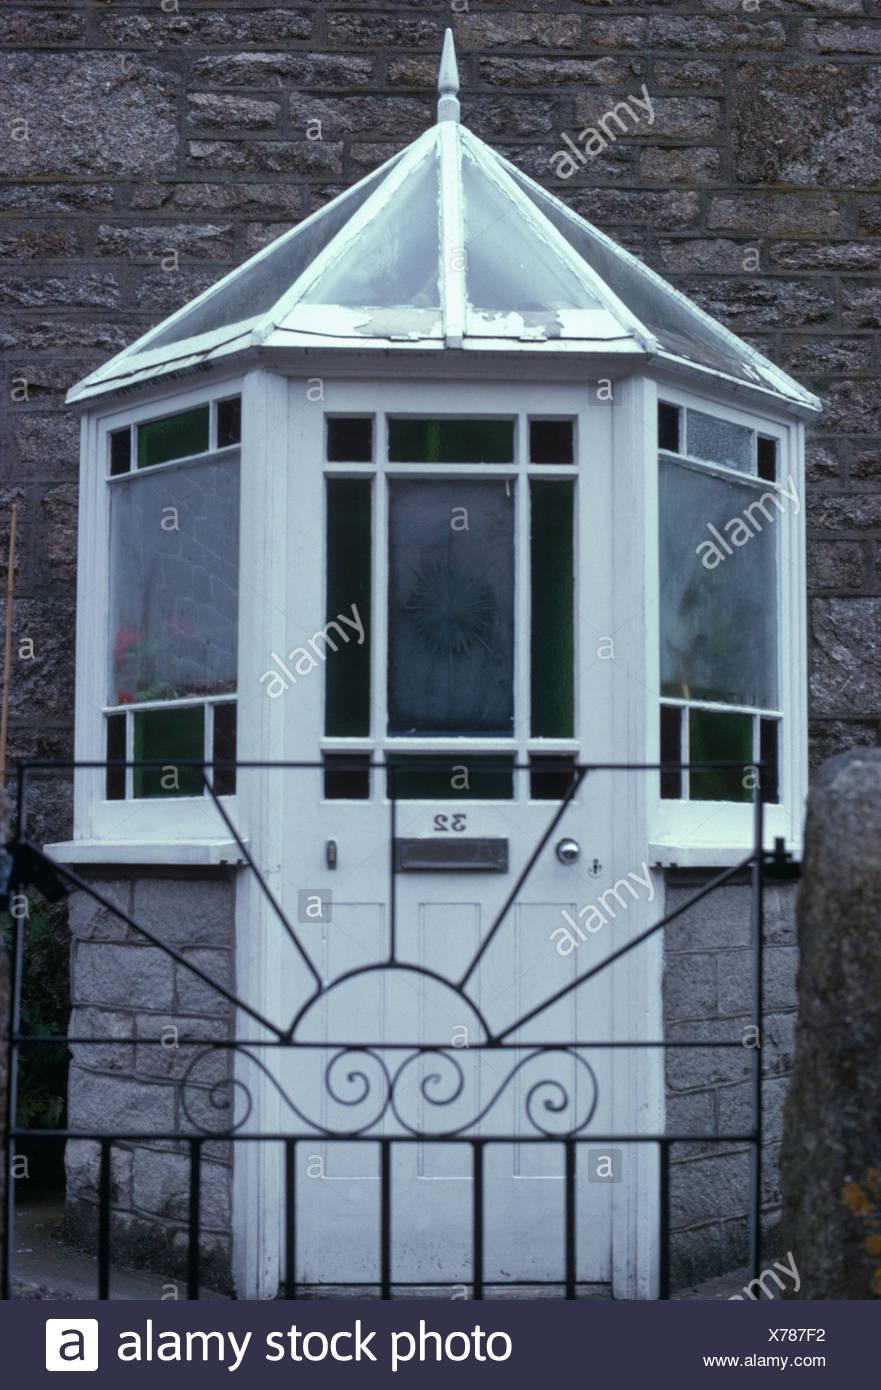 Veranda Metal Et Verre grille métallique en face de la maison avec véranda en verre